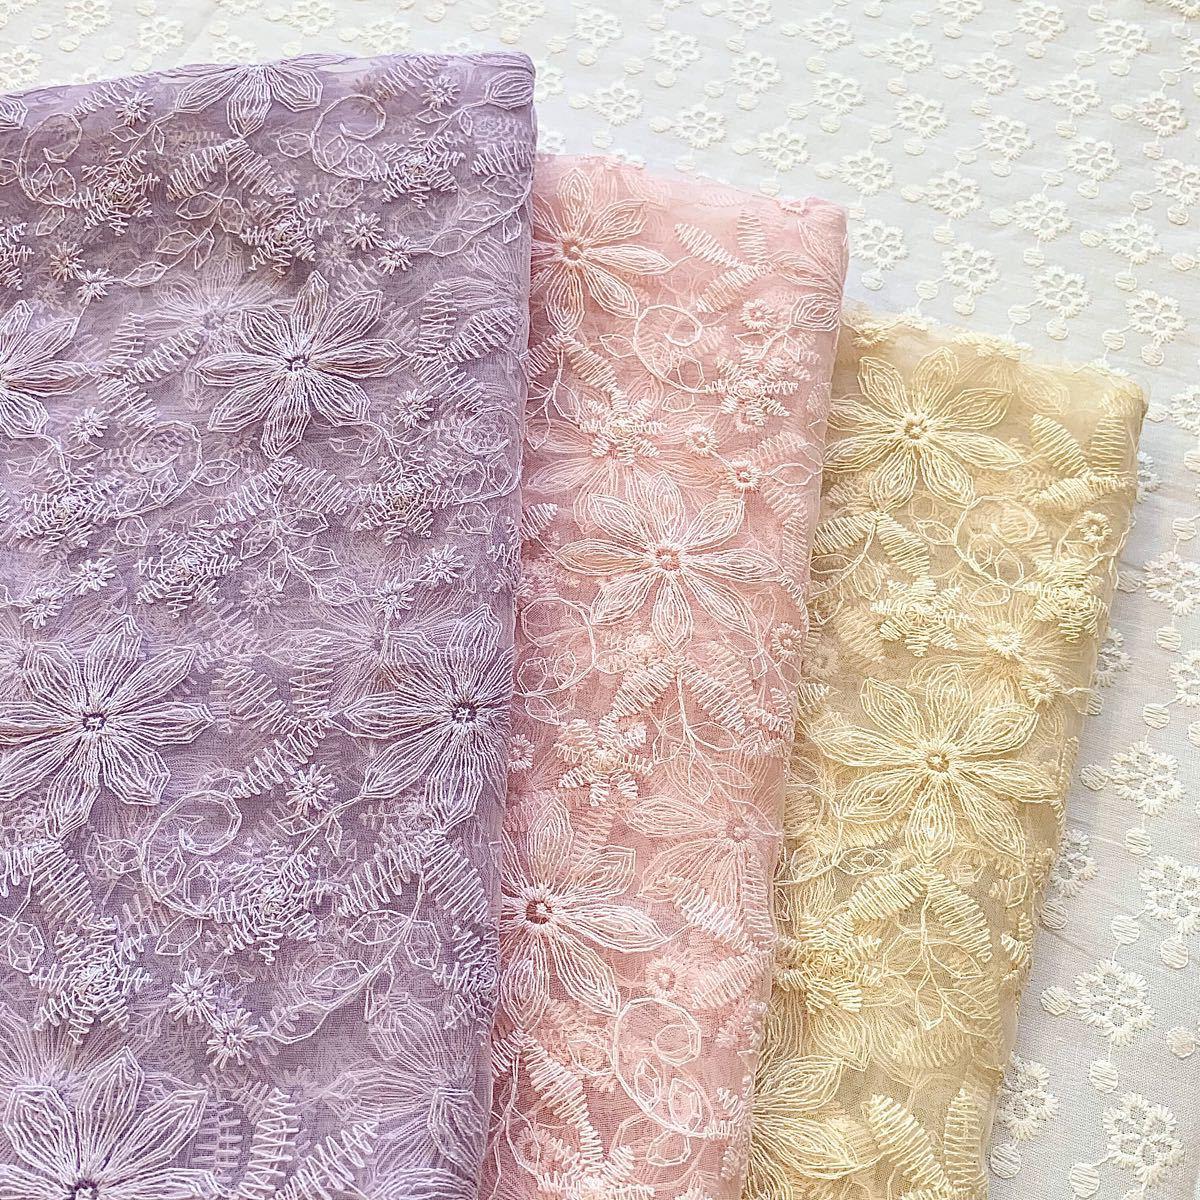 チュールレース コットン 綿 刺繍生地 はぎれ 花柄 ハンドメイド 布 ハギレ